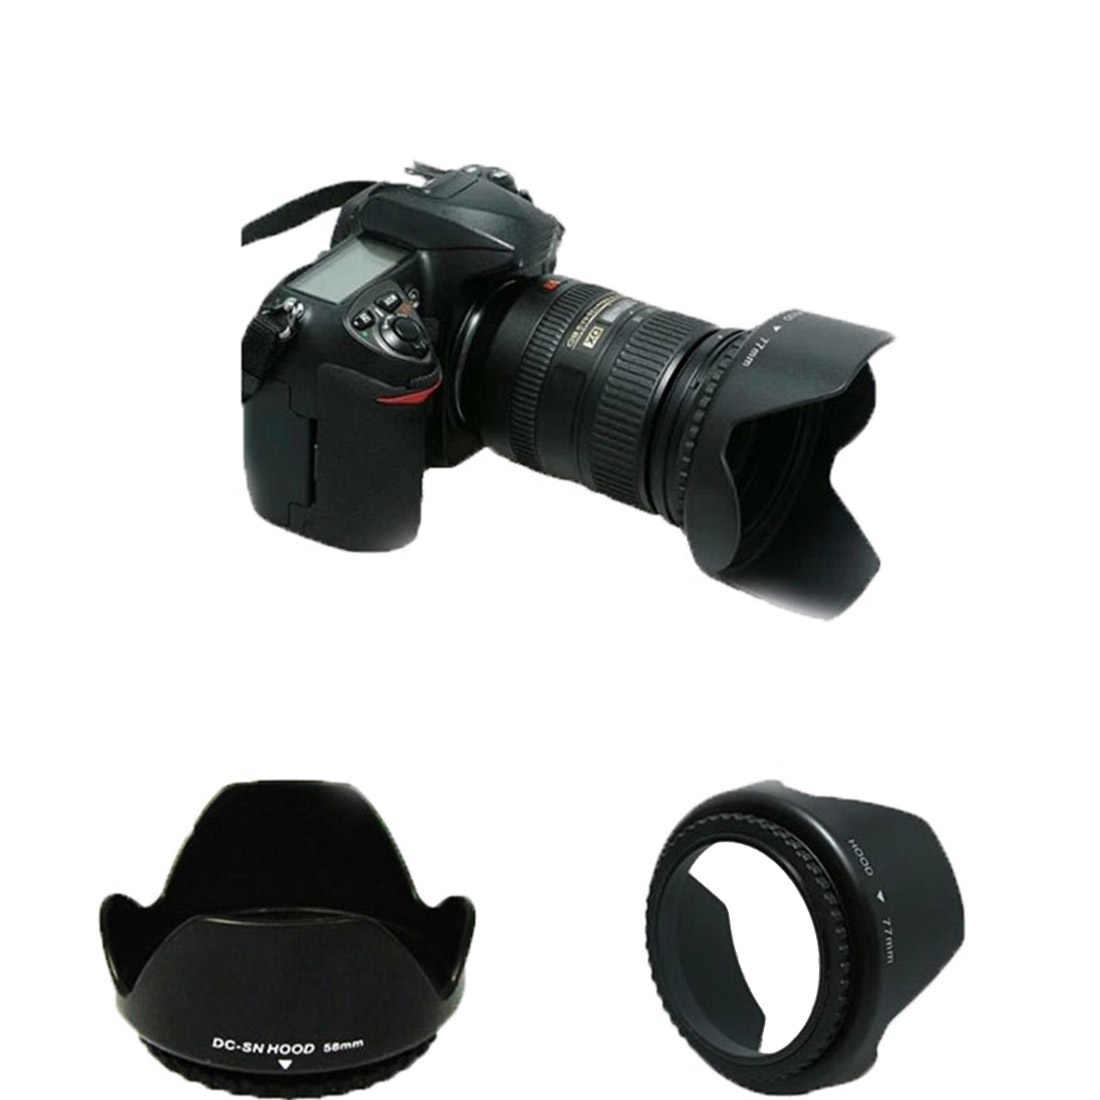 Centechia D3200 D3300 D5200 D5300 Máy Ảnh Lens Hood 52 mét Bayonet Phù Hợp Với đối với AF-S DX 18-55 mét f/3.5-5.6 Gam VR II Ống Kính